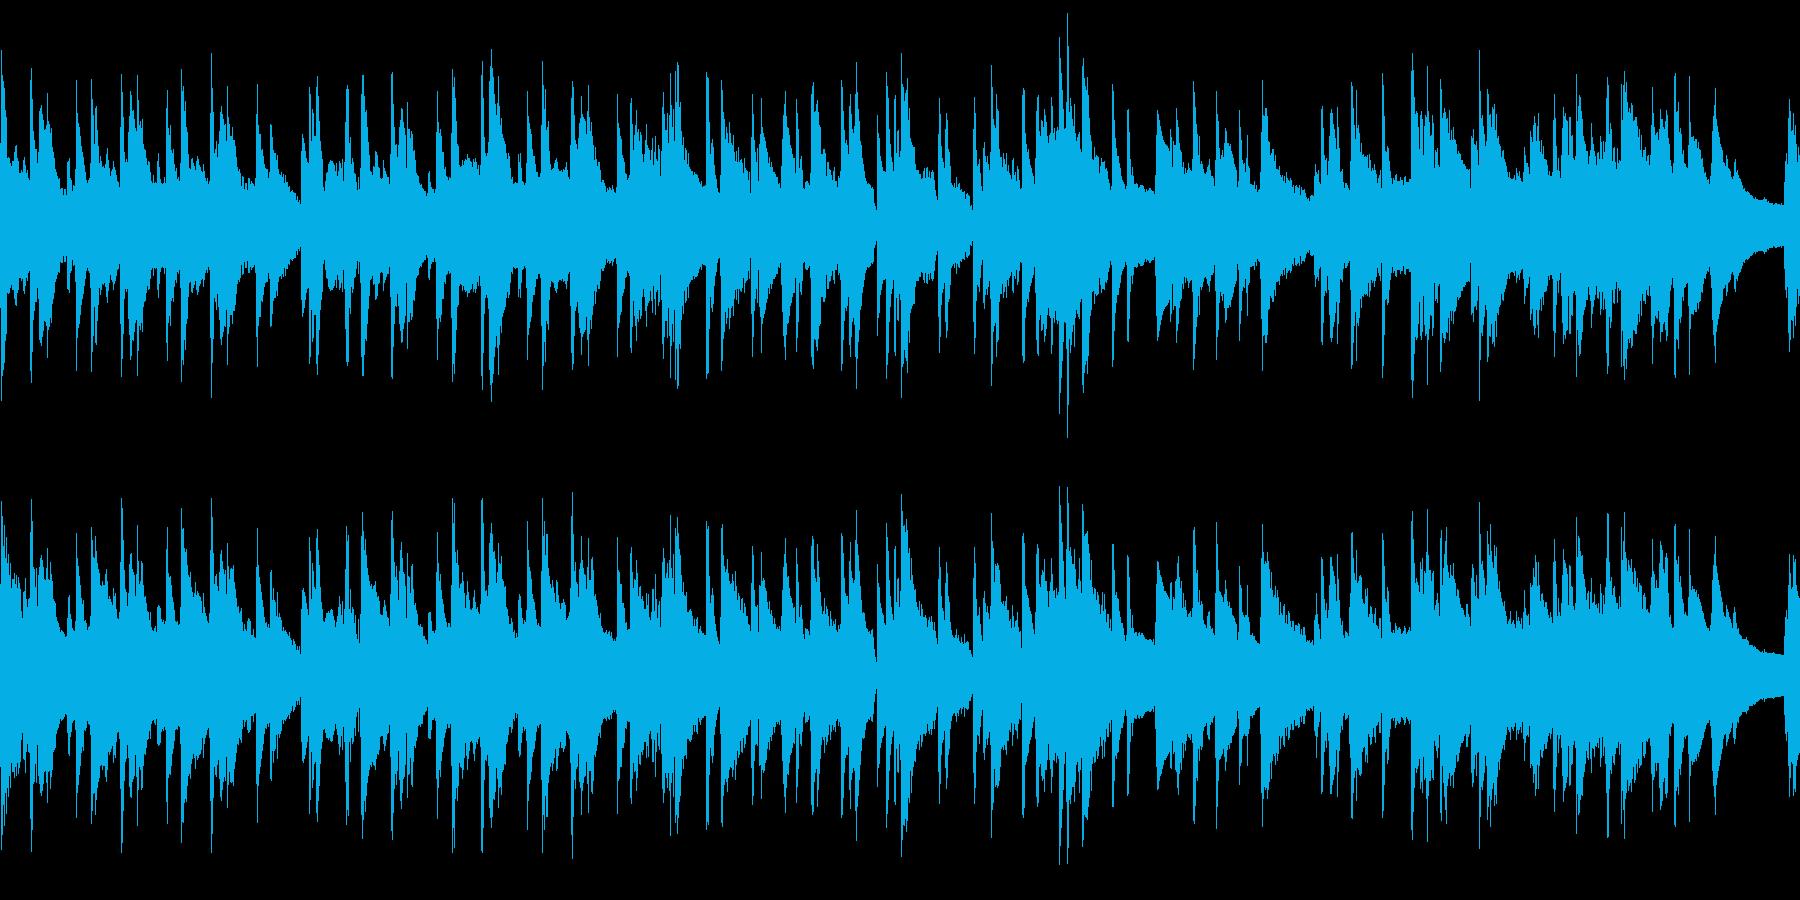 ループ ゆったりお洒落なピアノジャズの再生済みの波形